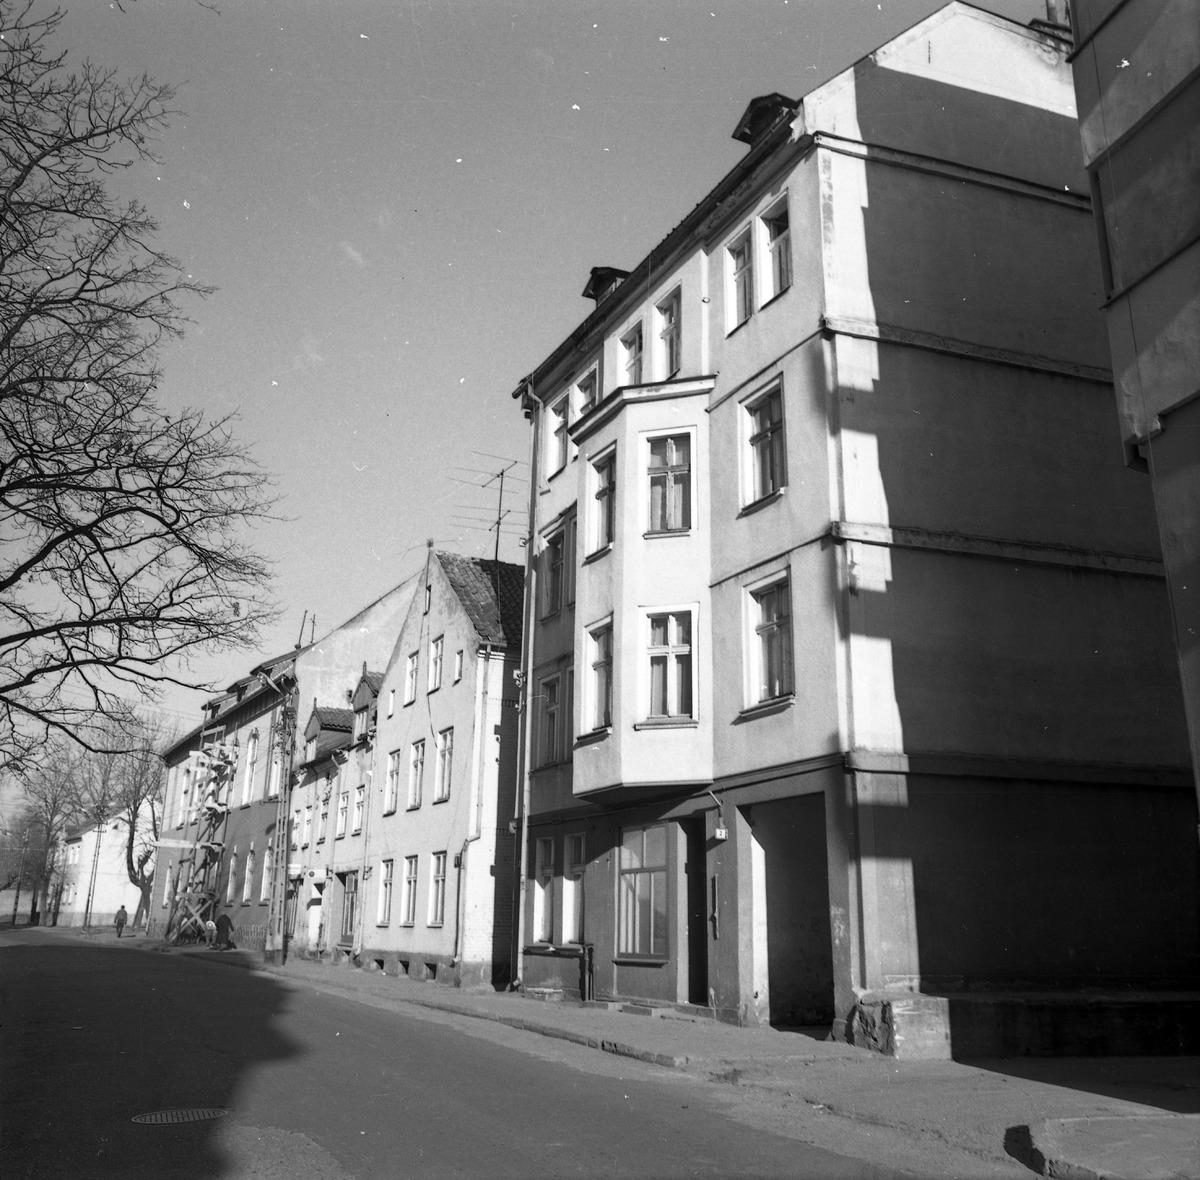 Zabudowa ul. Konarskiego [2]